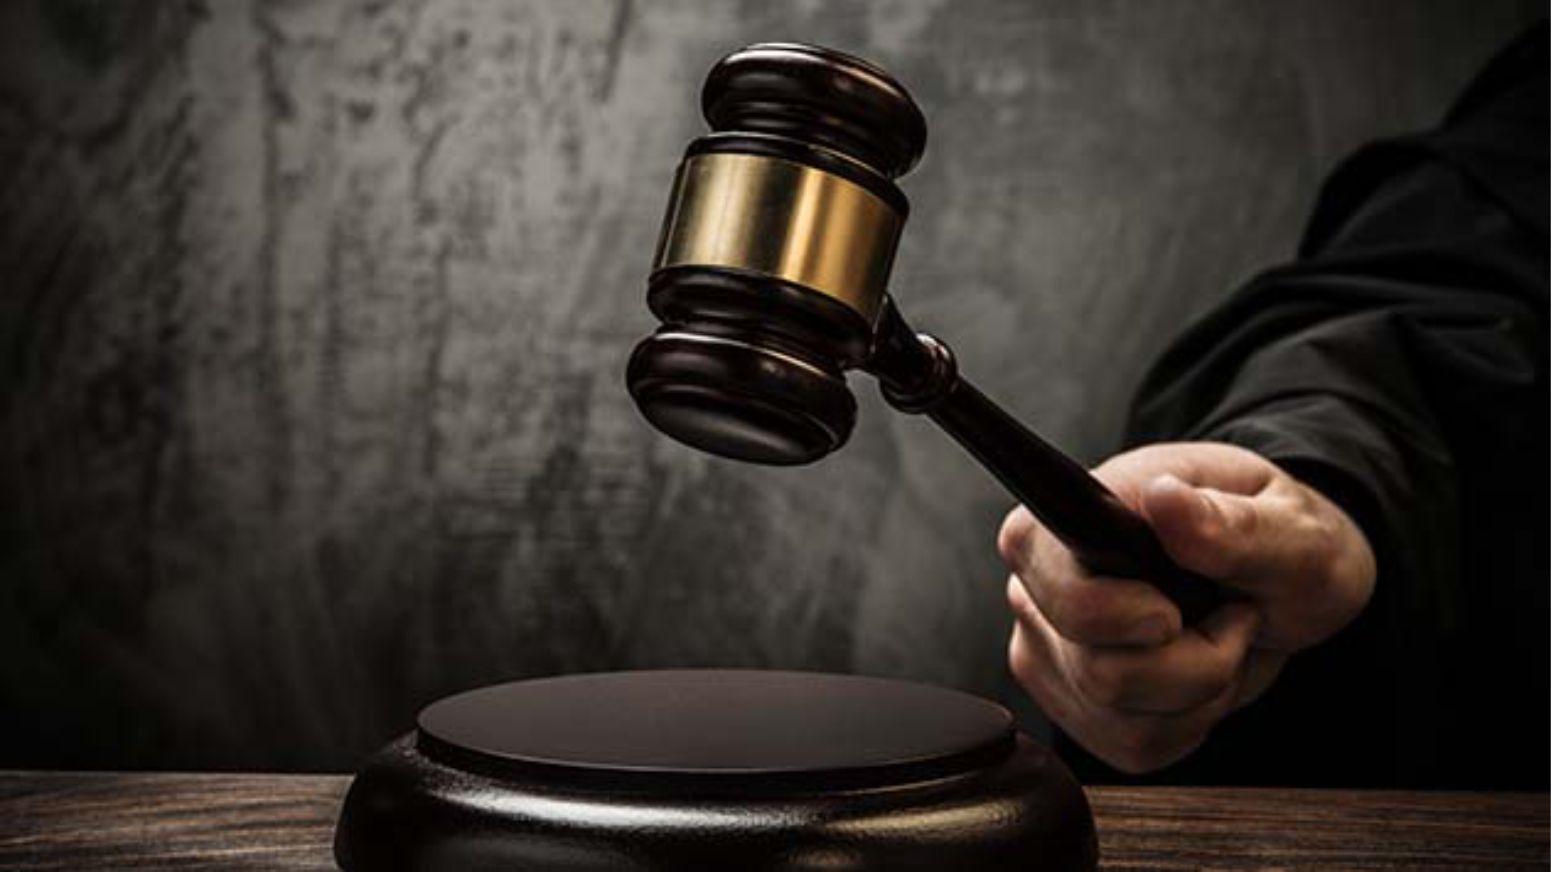 הדייר שתקף את בעלת ביתו  הקשישה לשבע שנות מאסר